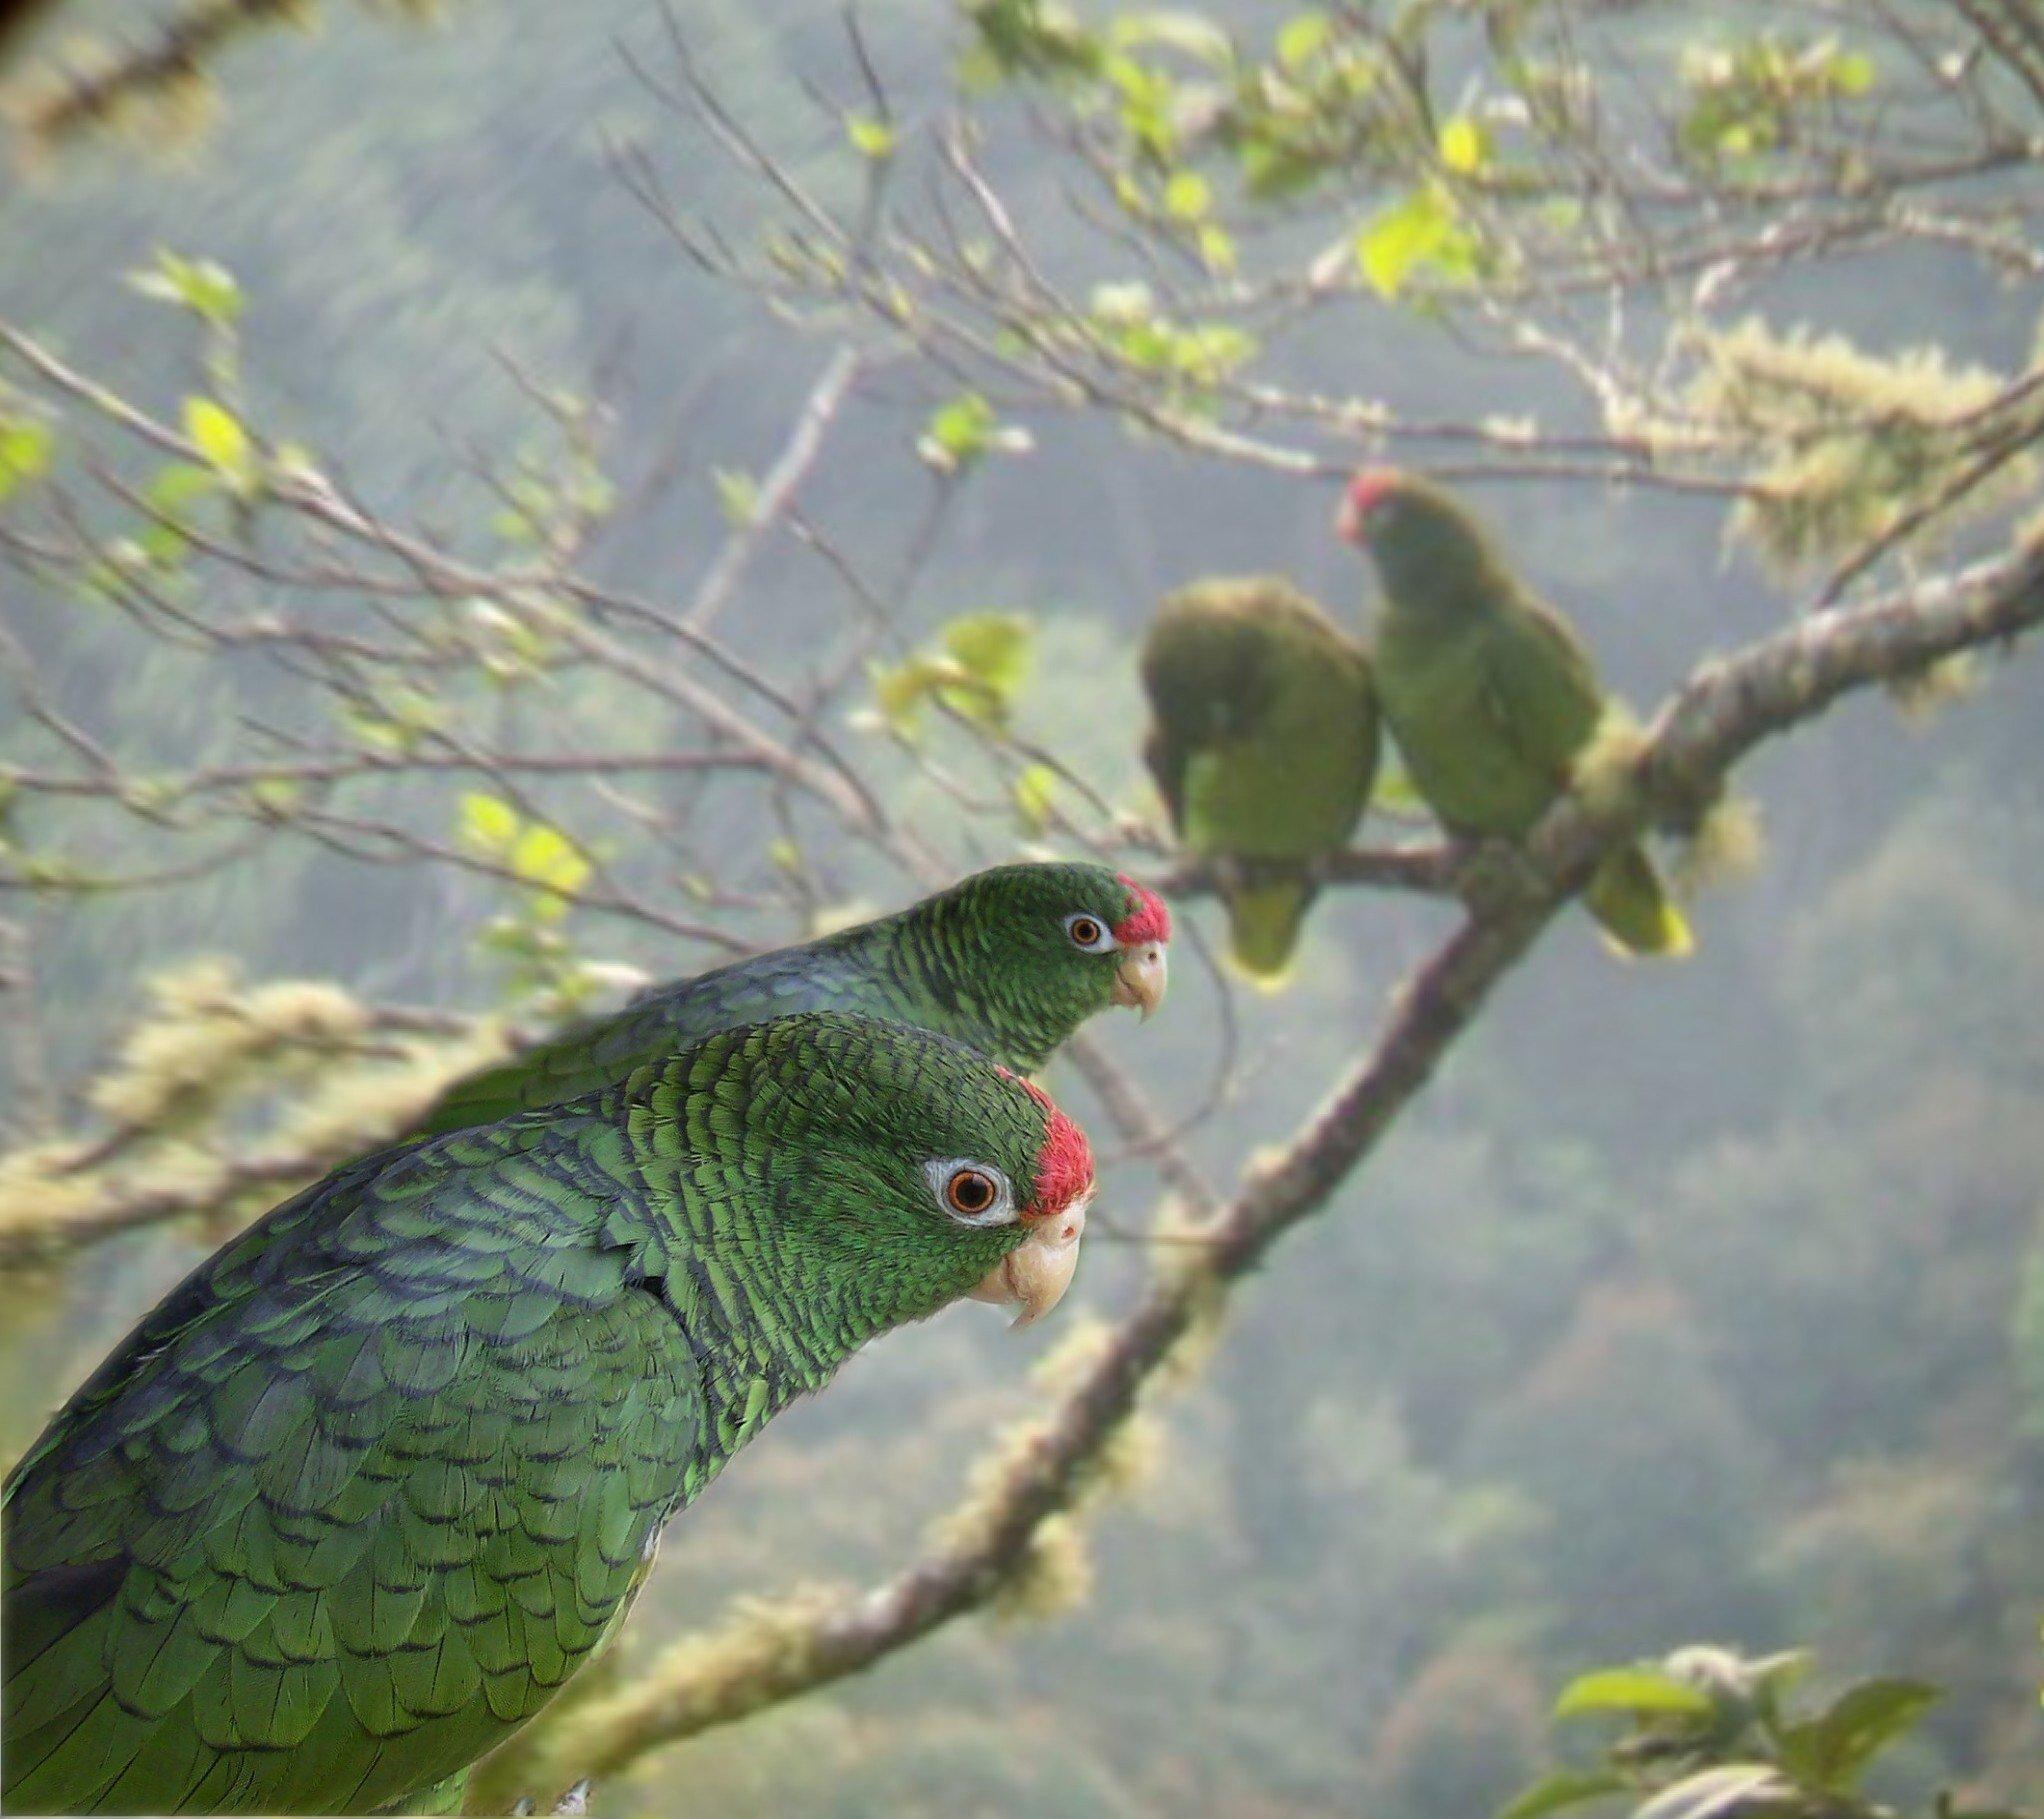 El loro pinero es una especie categorizada como Vulnerable según la Unión Internacional para la Conservación de la Naturaleza. Foto: Asociación Armonía.